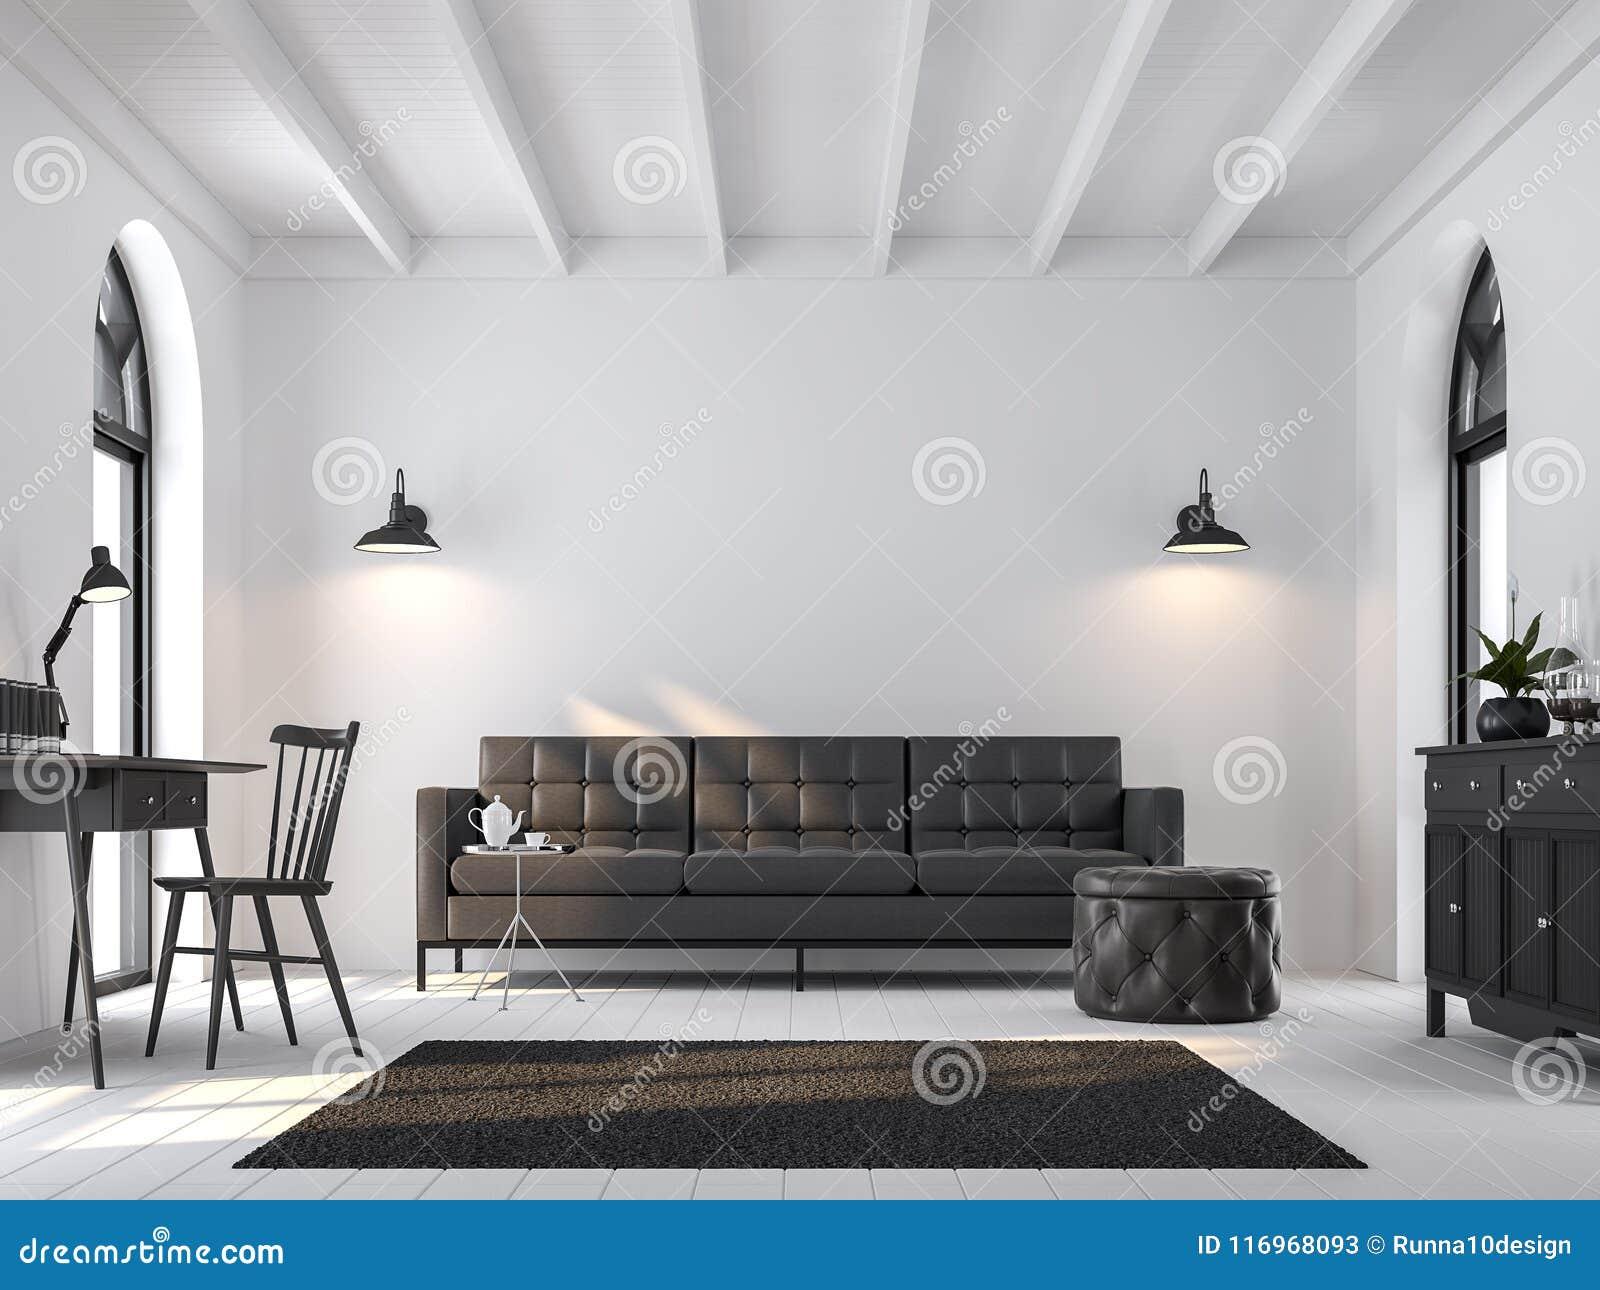 Scandinavian Living Room 3d Renderfurnished With Black Furniture